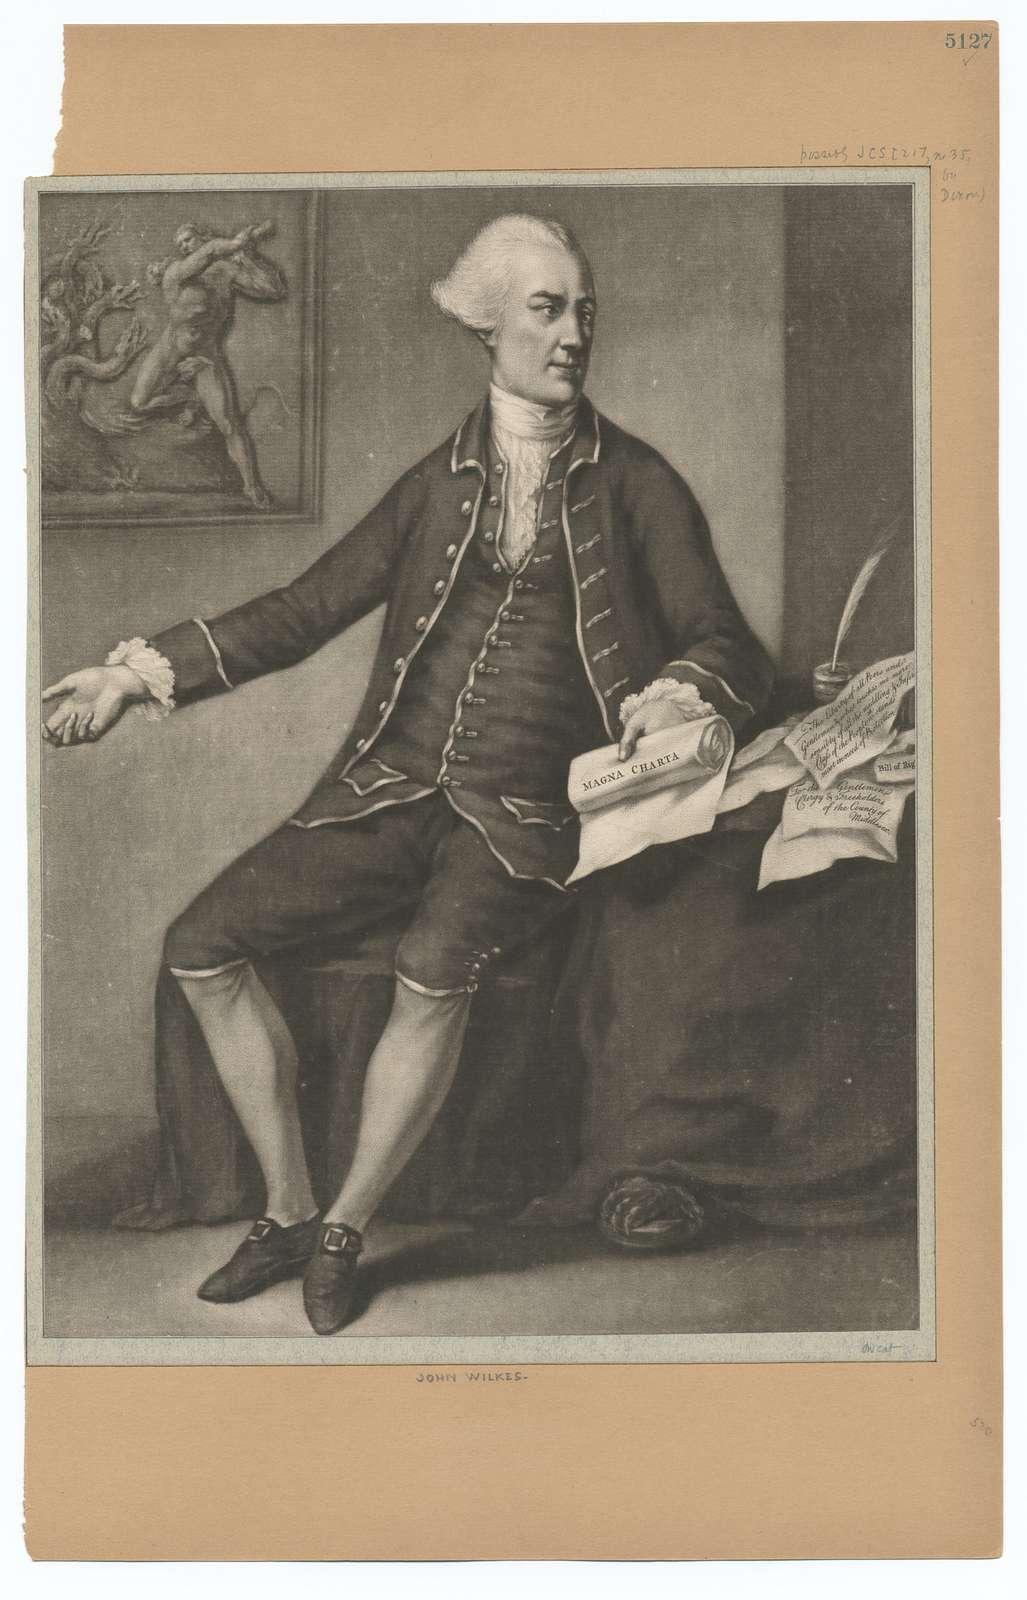 [John Wilkes.]